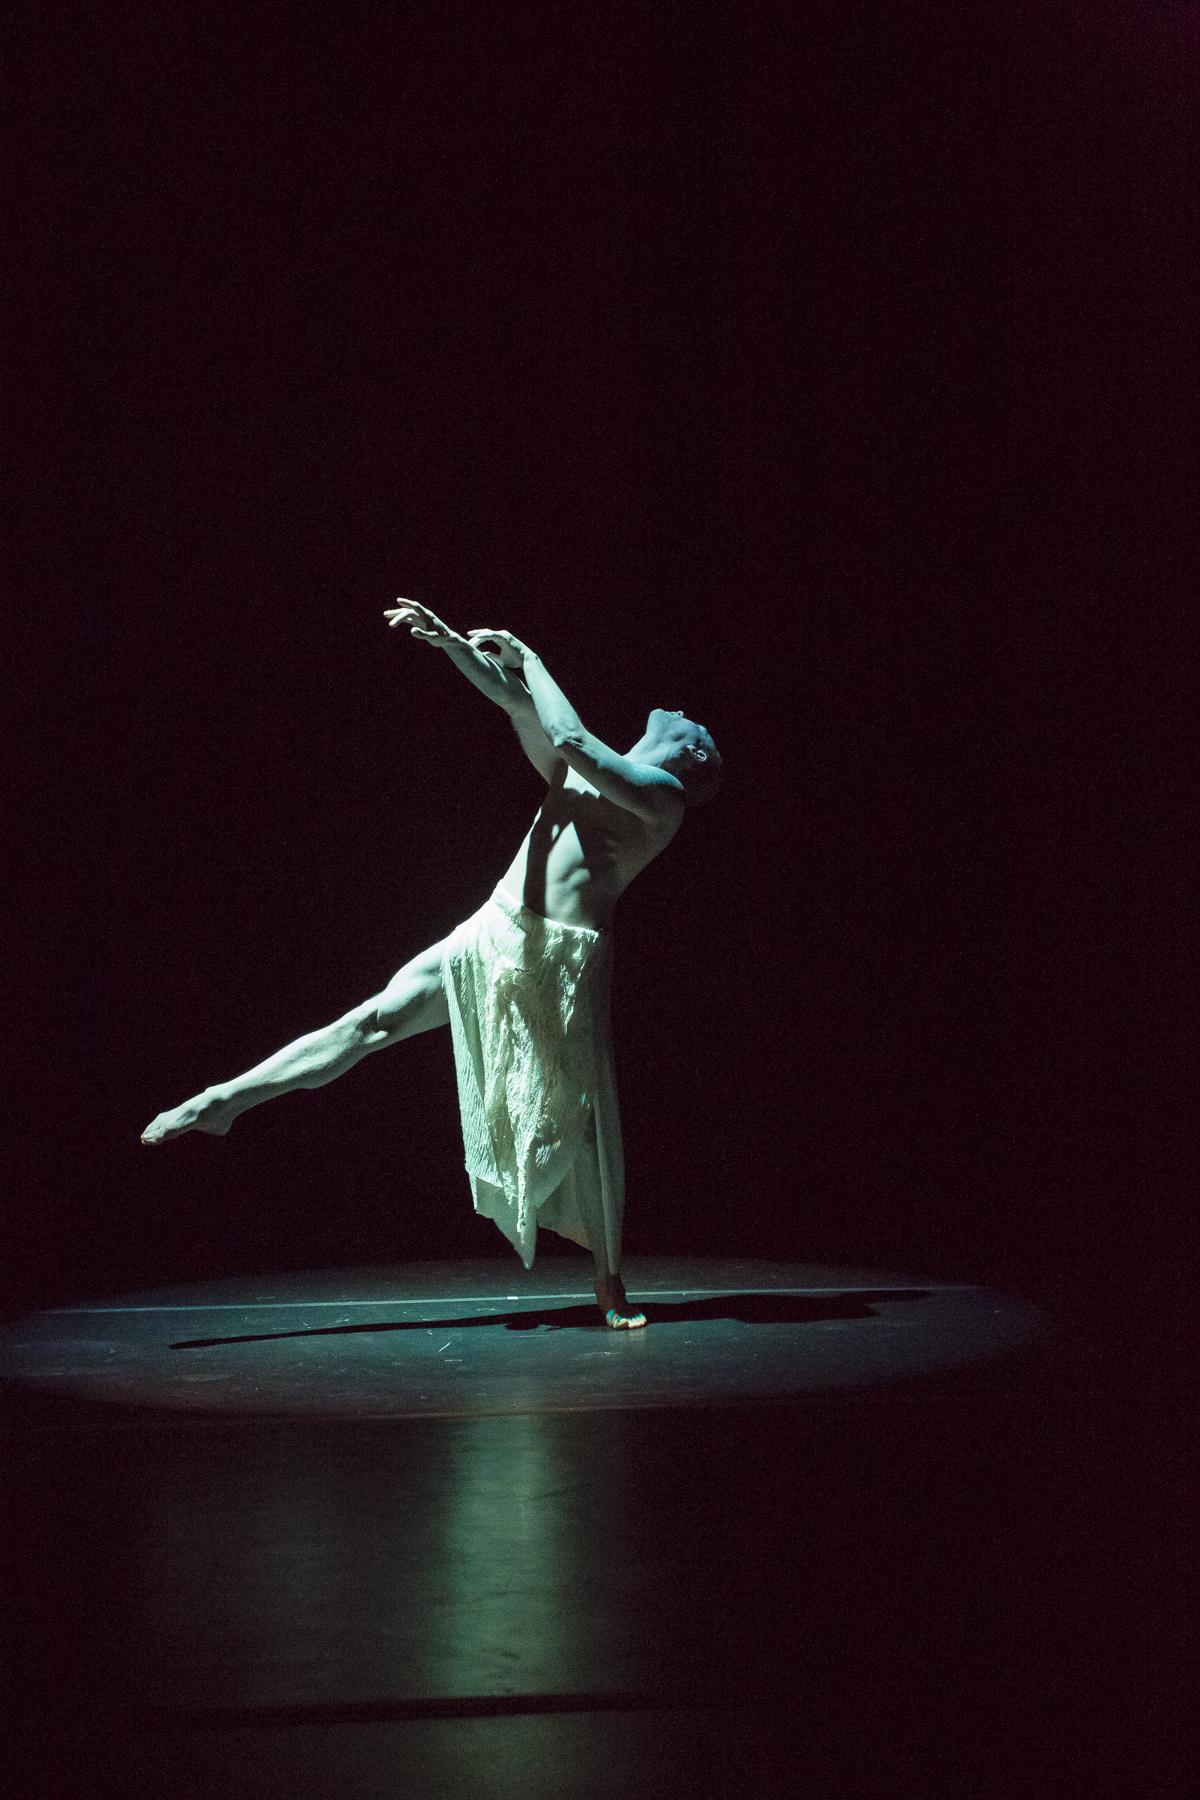 20121206_mac_dance_254.jpg